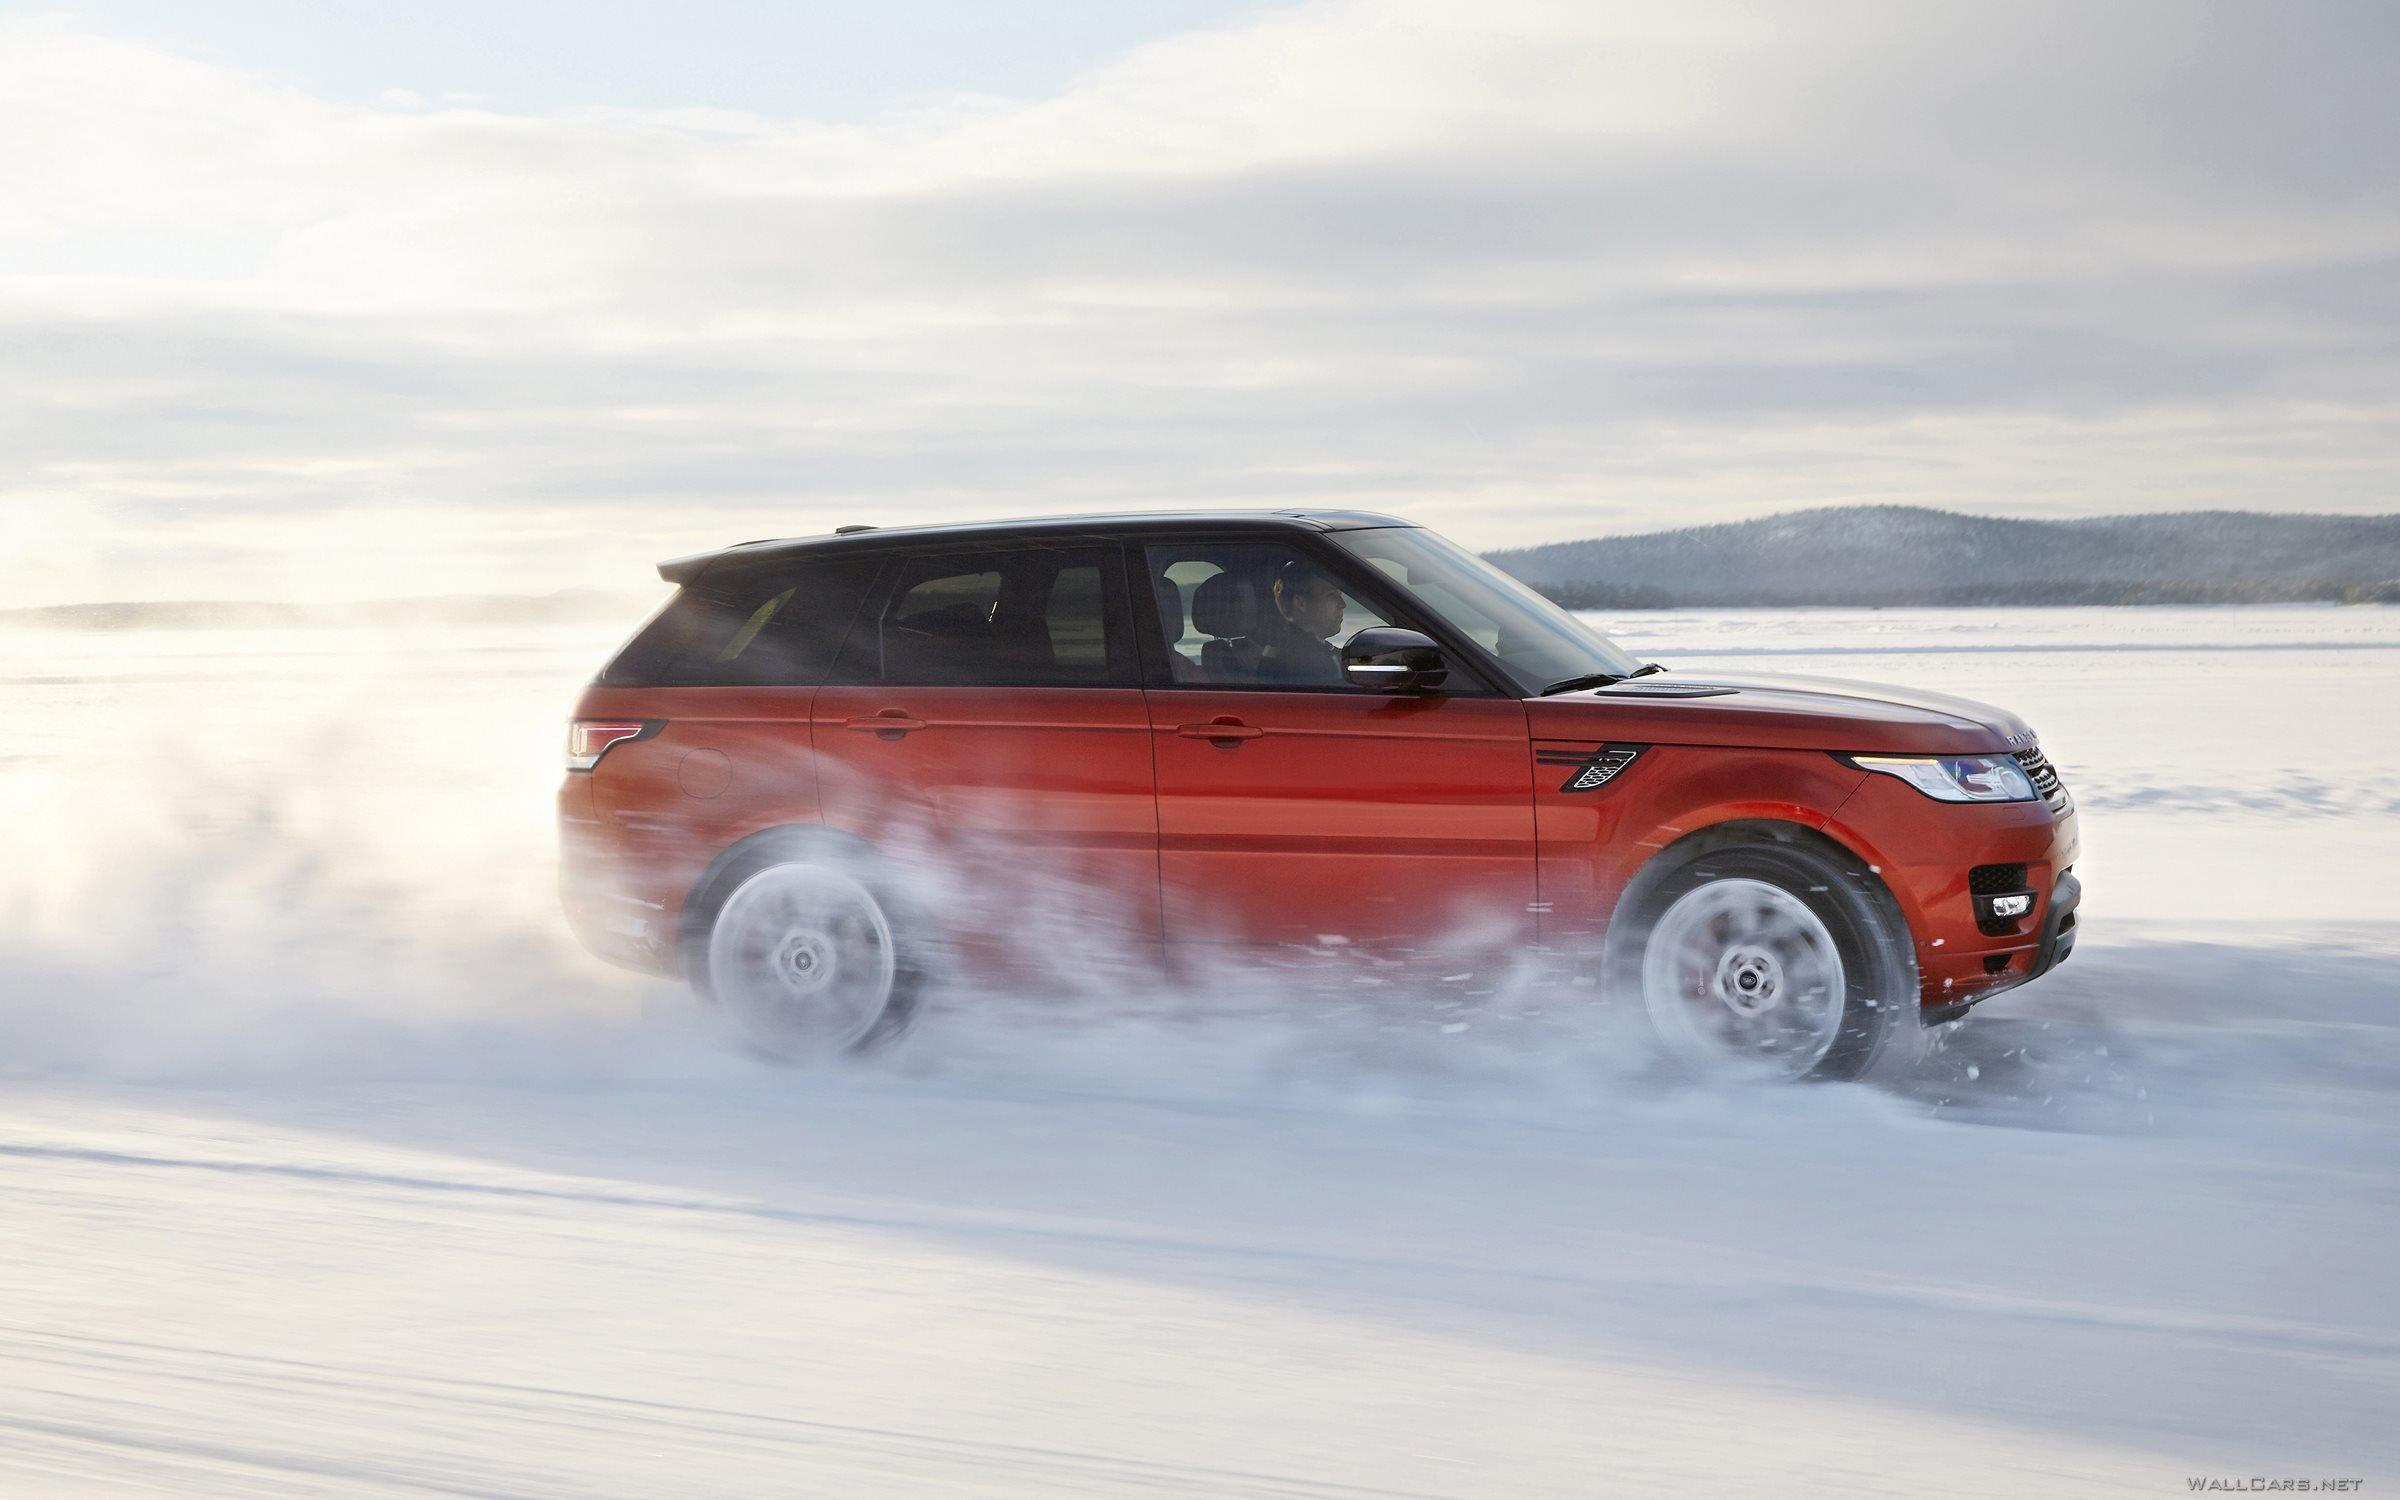 Continental об особенностях использования зимних SUV-шин